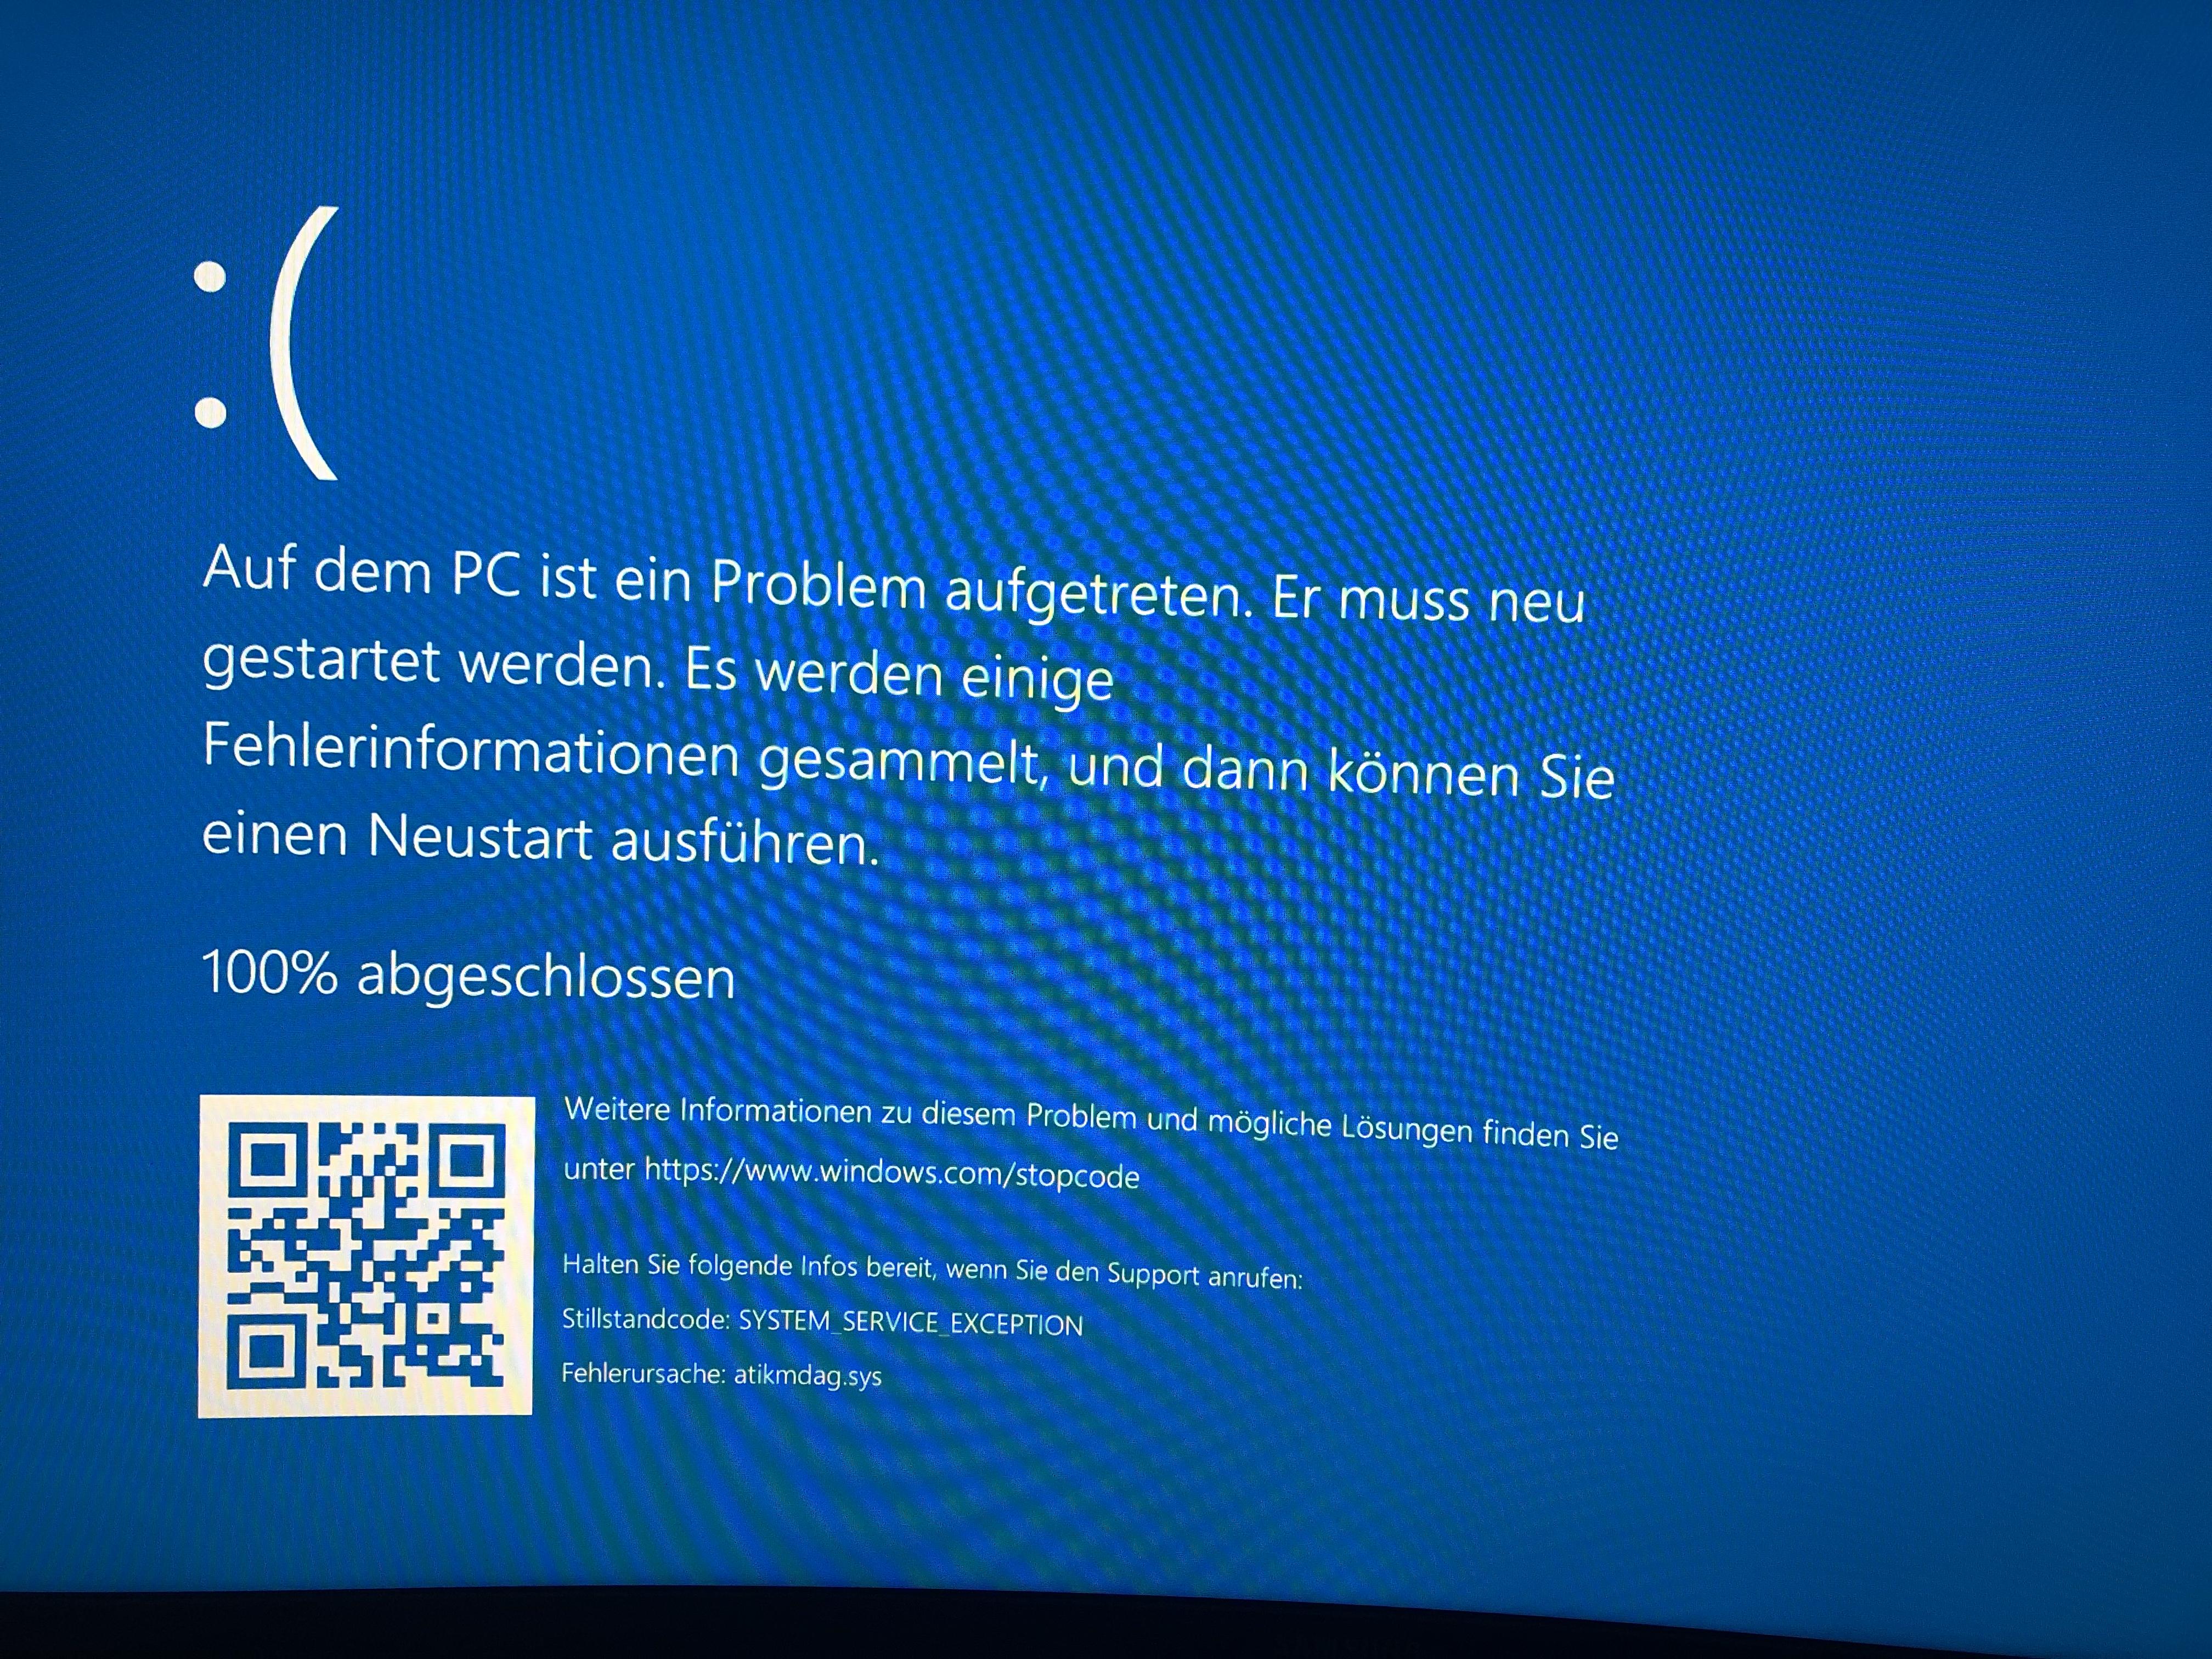 BlueScreen Fehlermeldung nach nur wenigen Sekunden